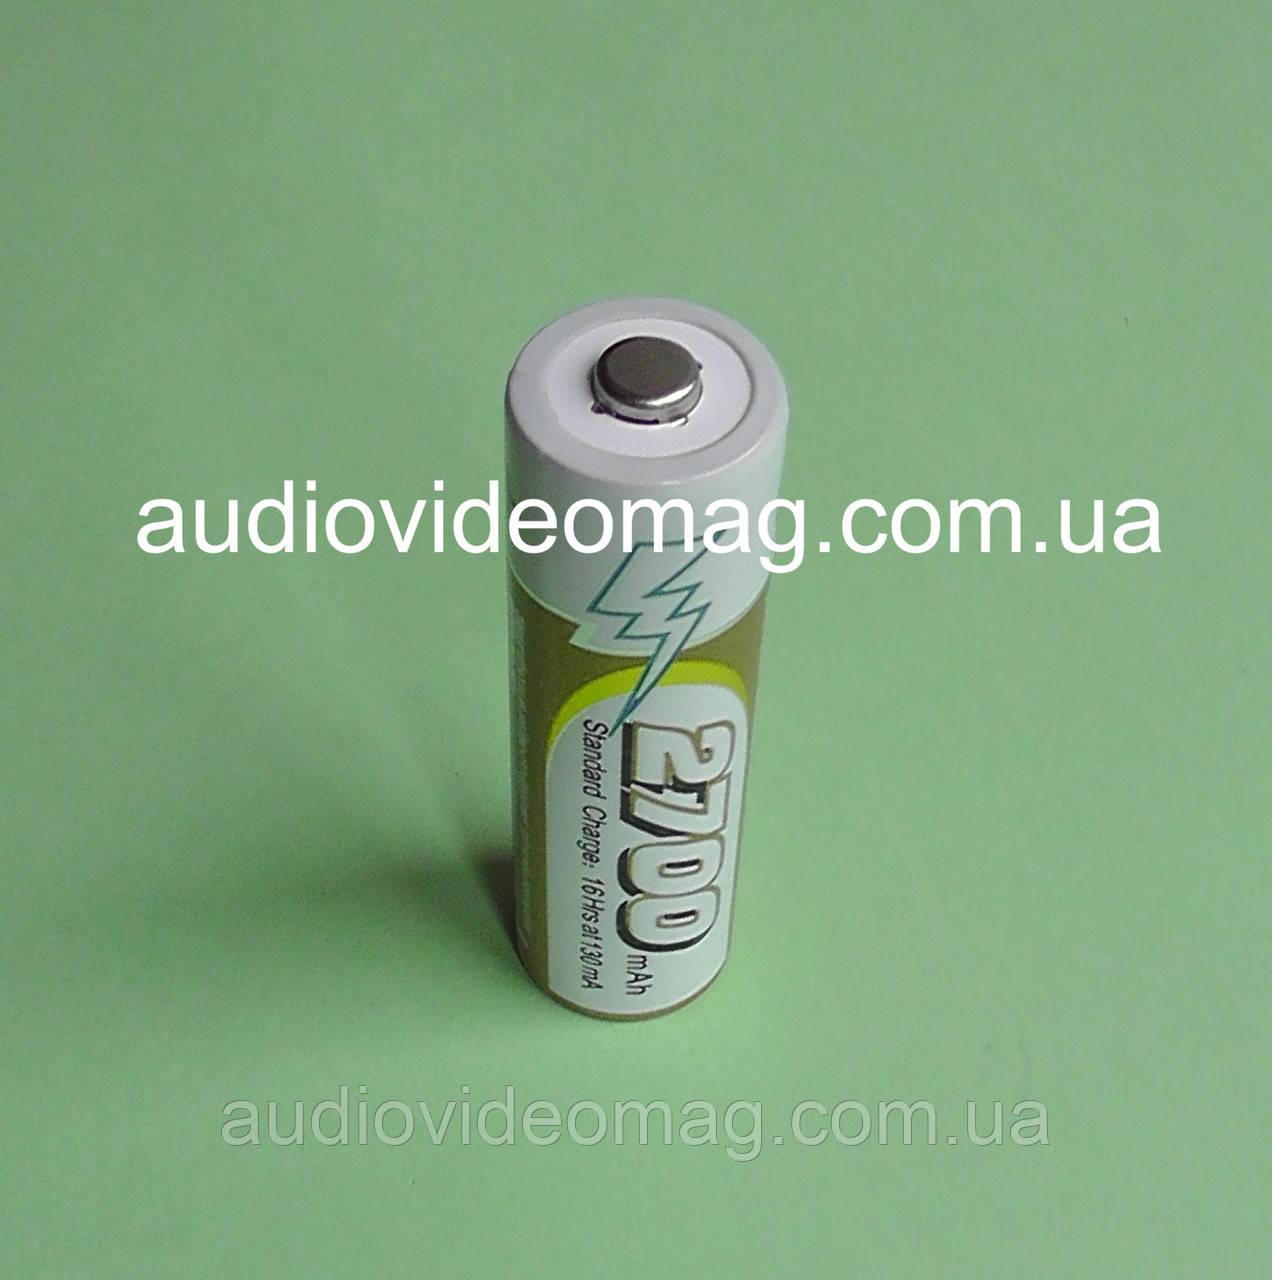 Аккумулятор Raymax R6 АА 2700 мАч пальчиковый (NiMH) цена за 1 шт